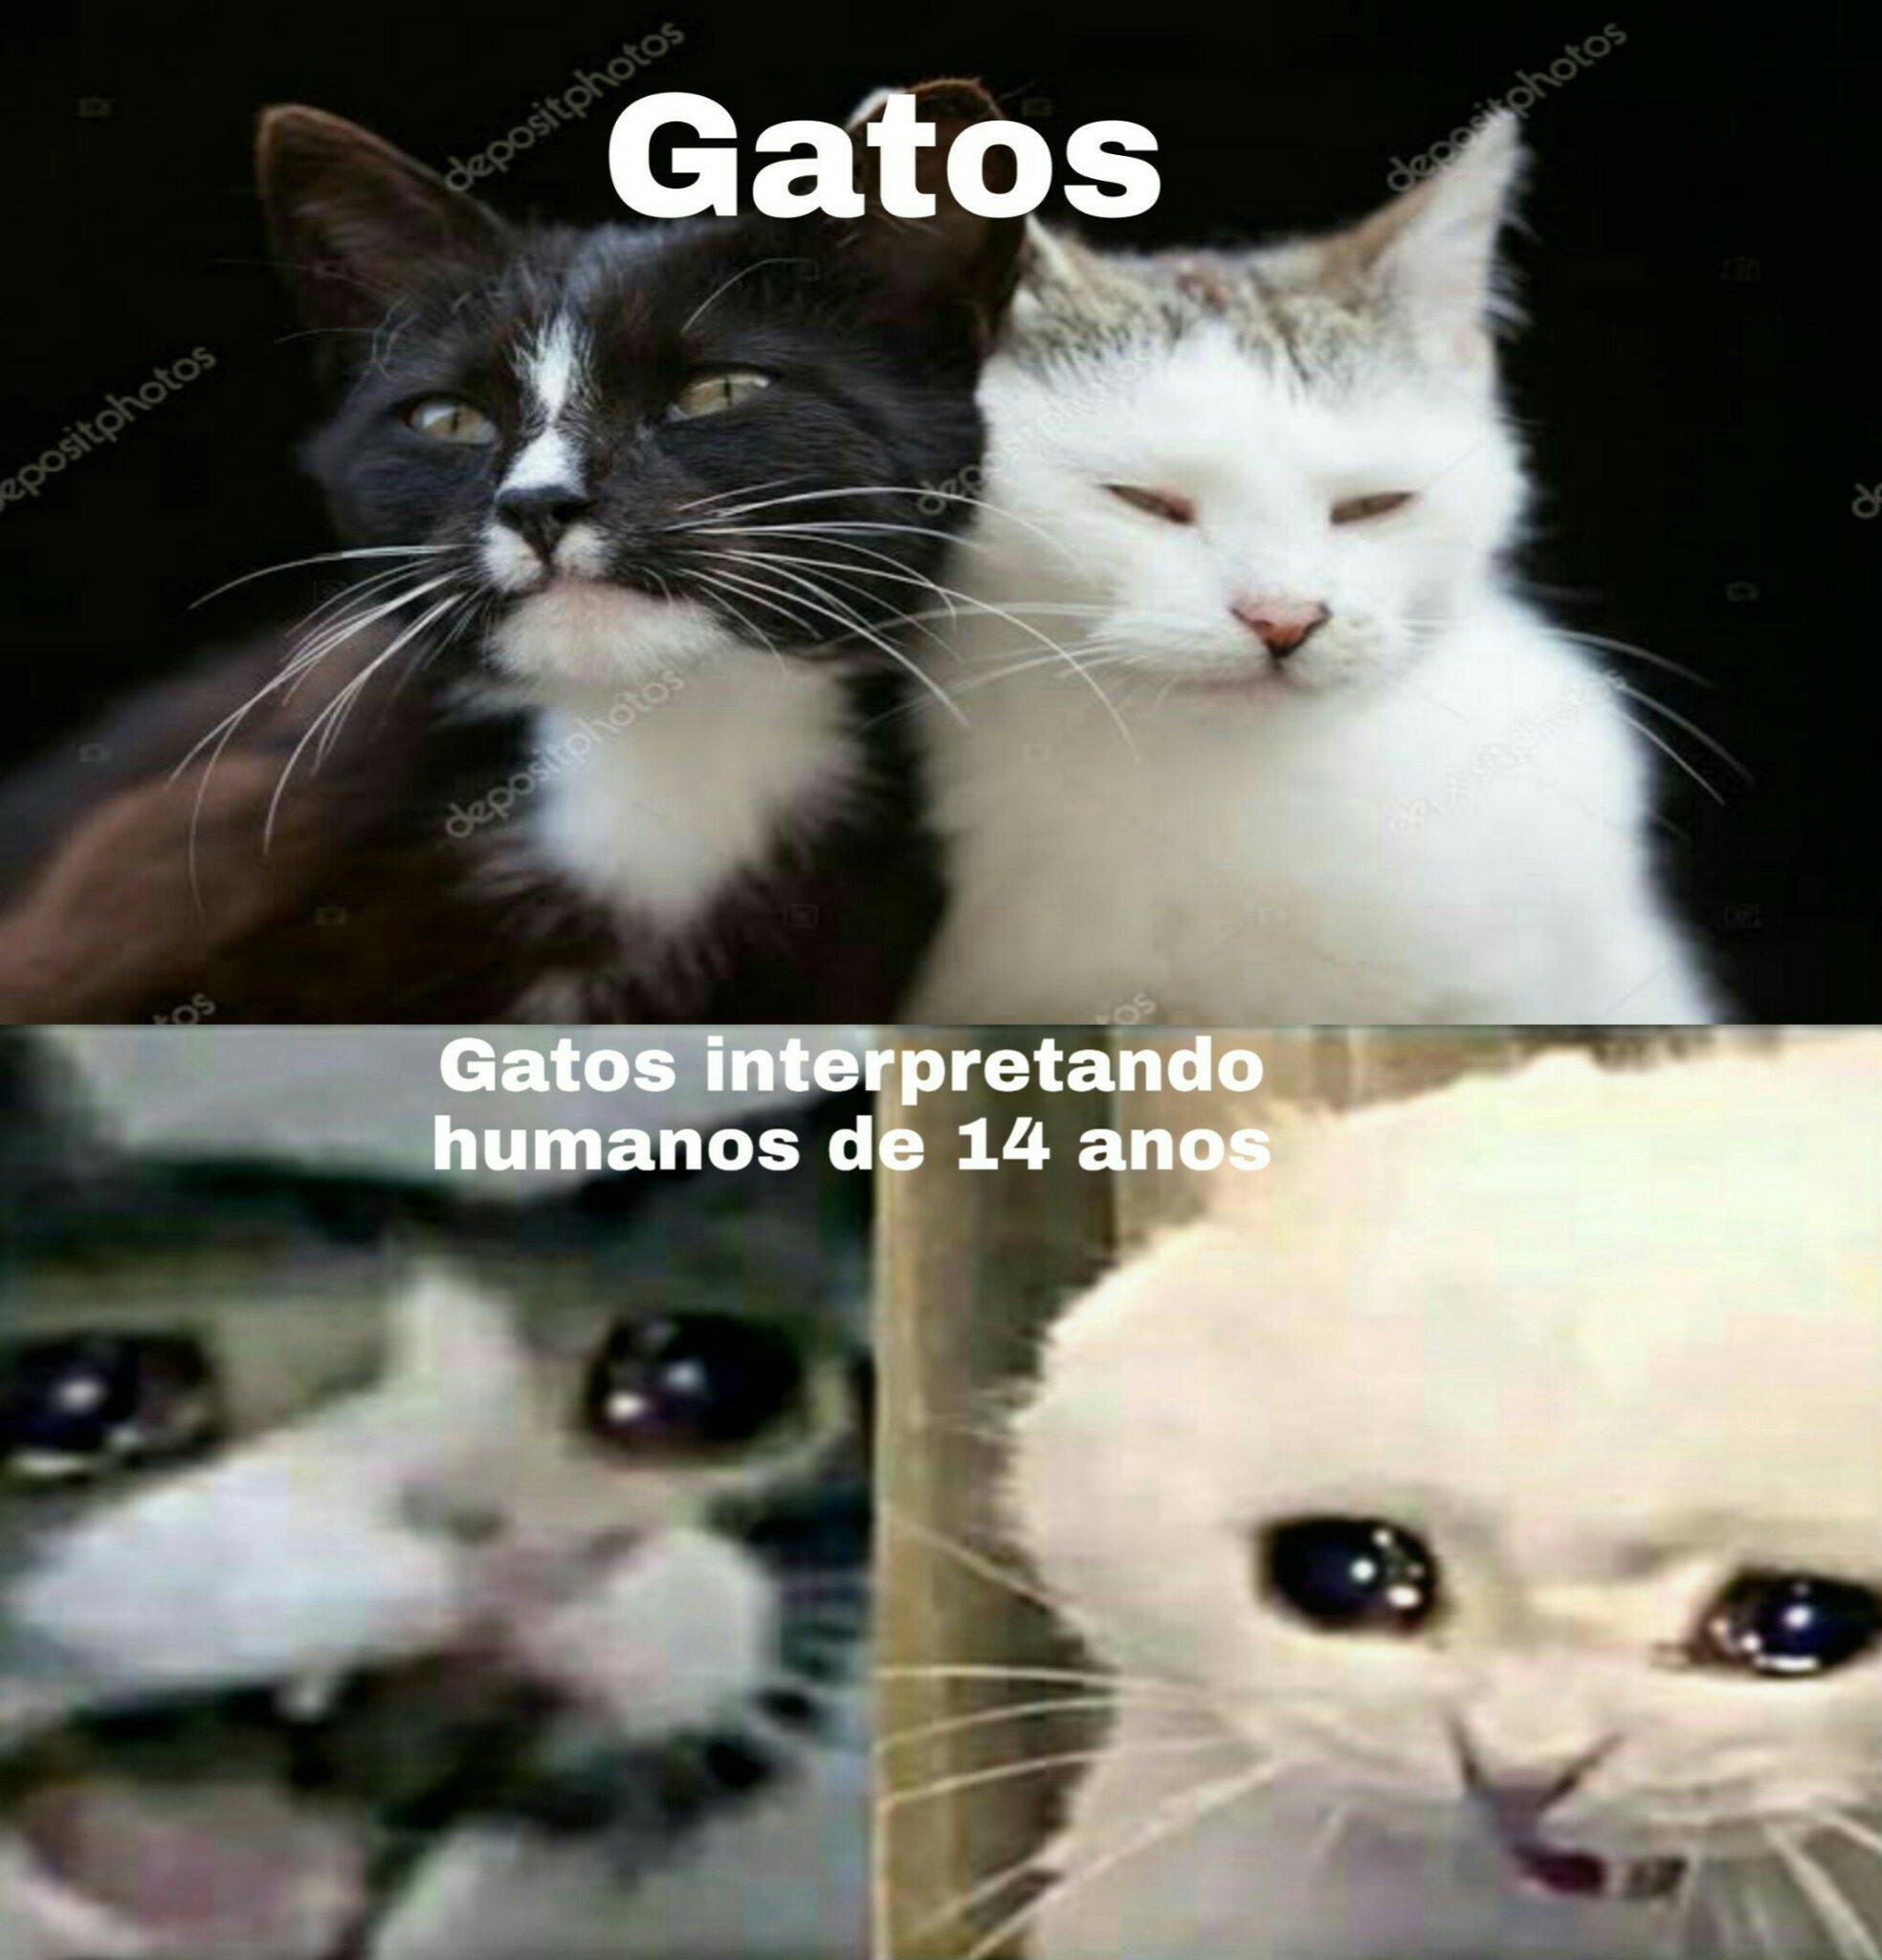 Gatos de 14 anos - meme